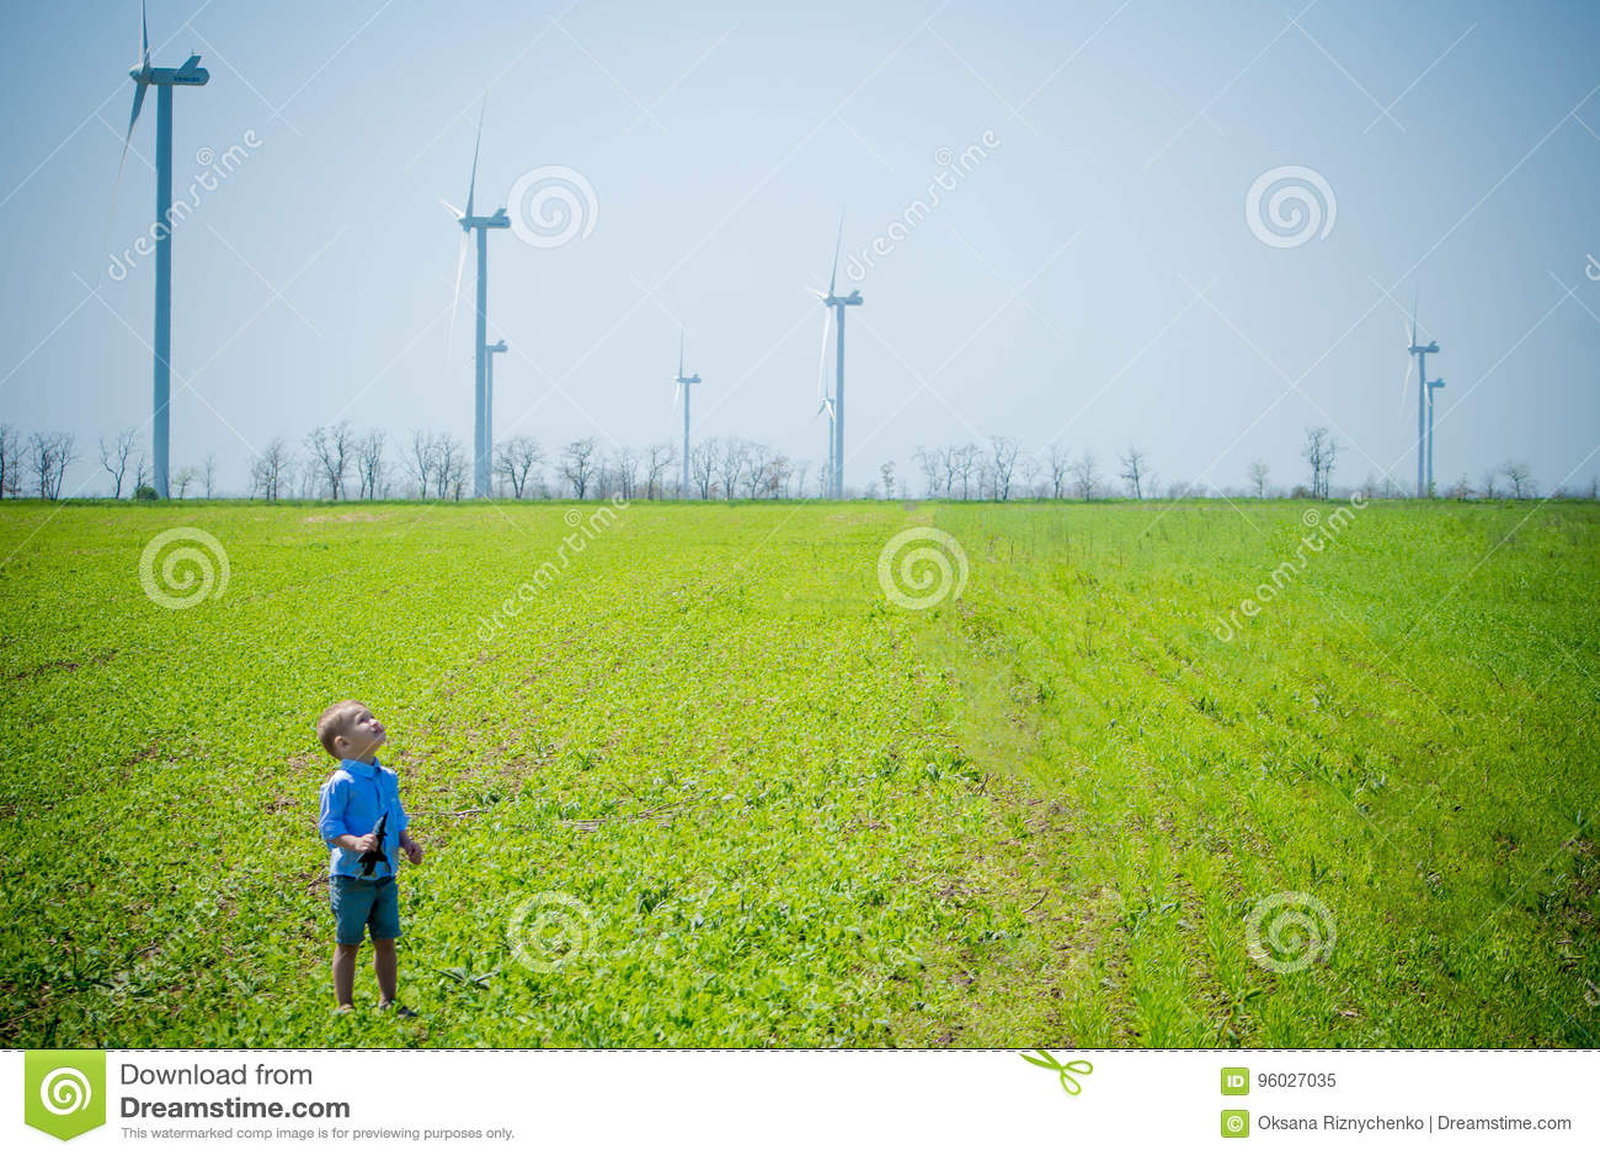 Dziecko na polu z wiatrowymi generatorami